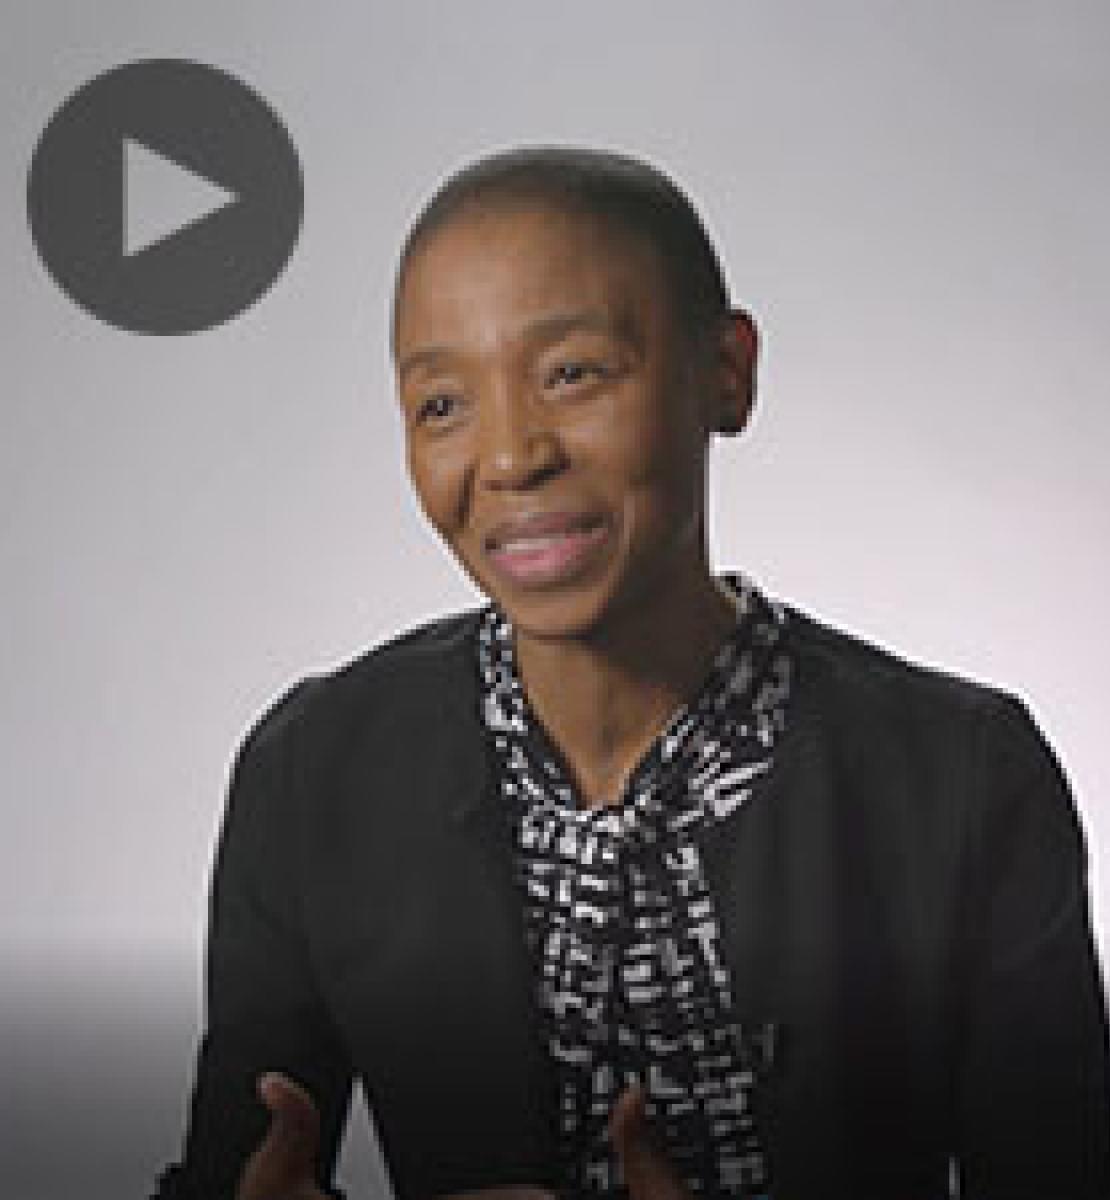 Screenshot from video message shows Resident Coordinator, Metsi Makhetha